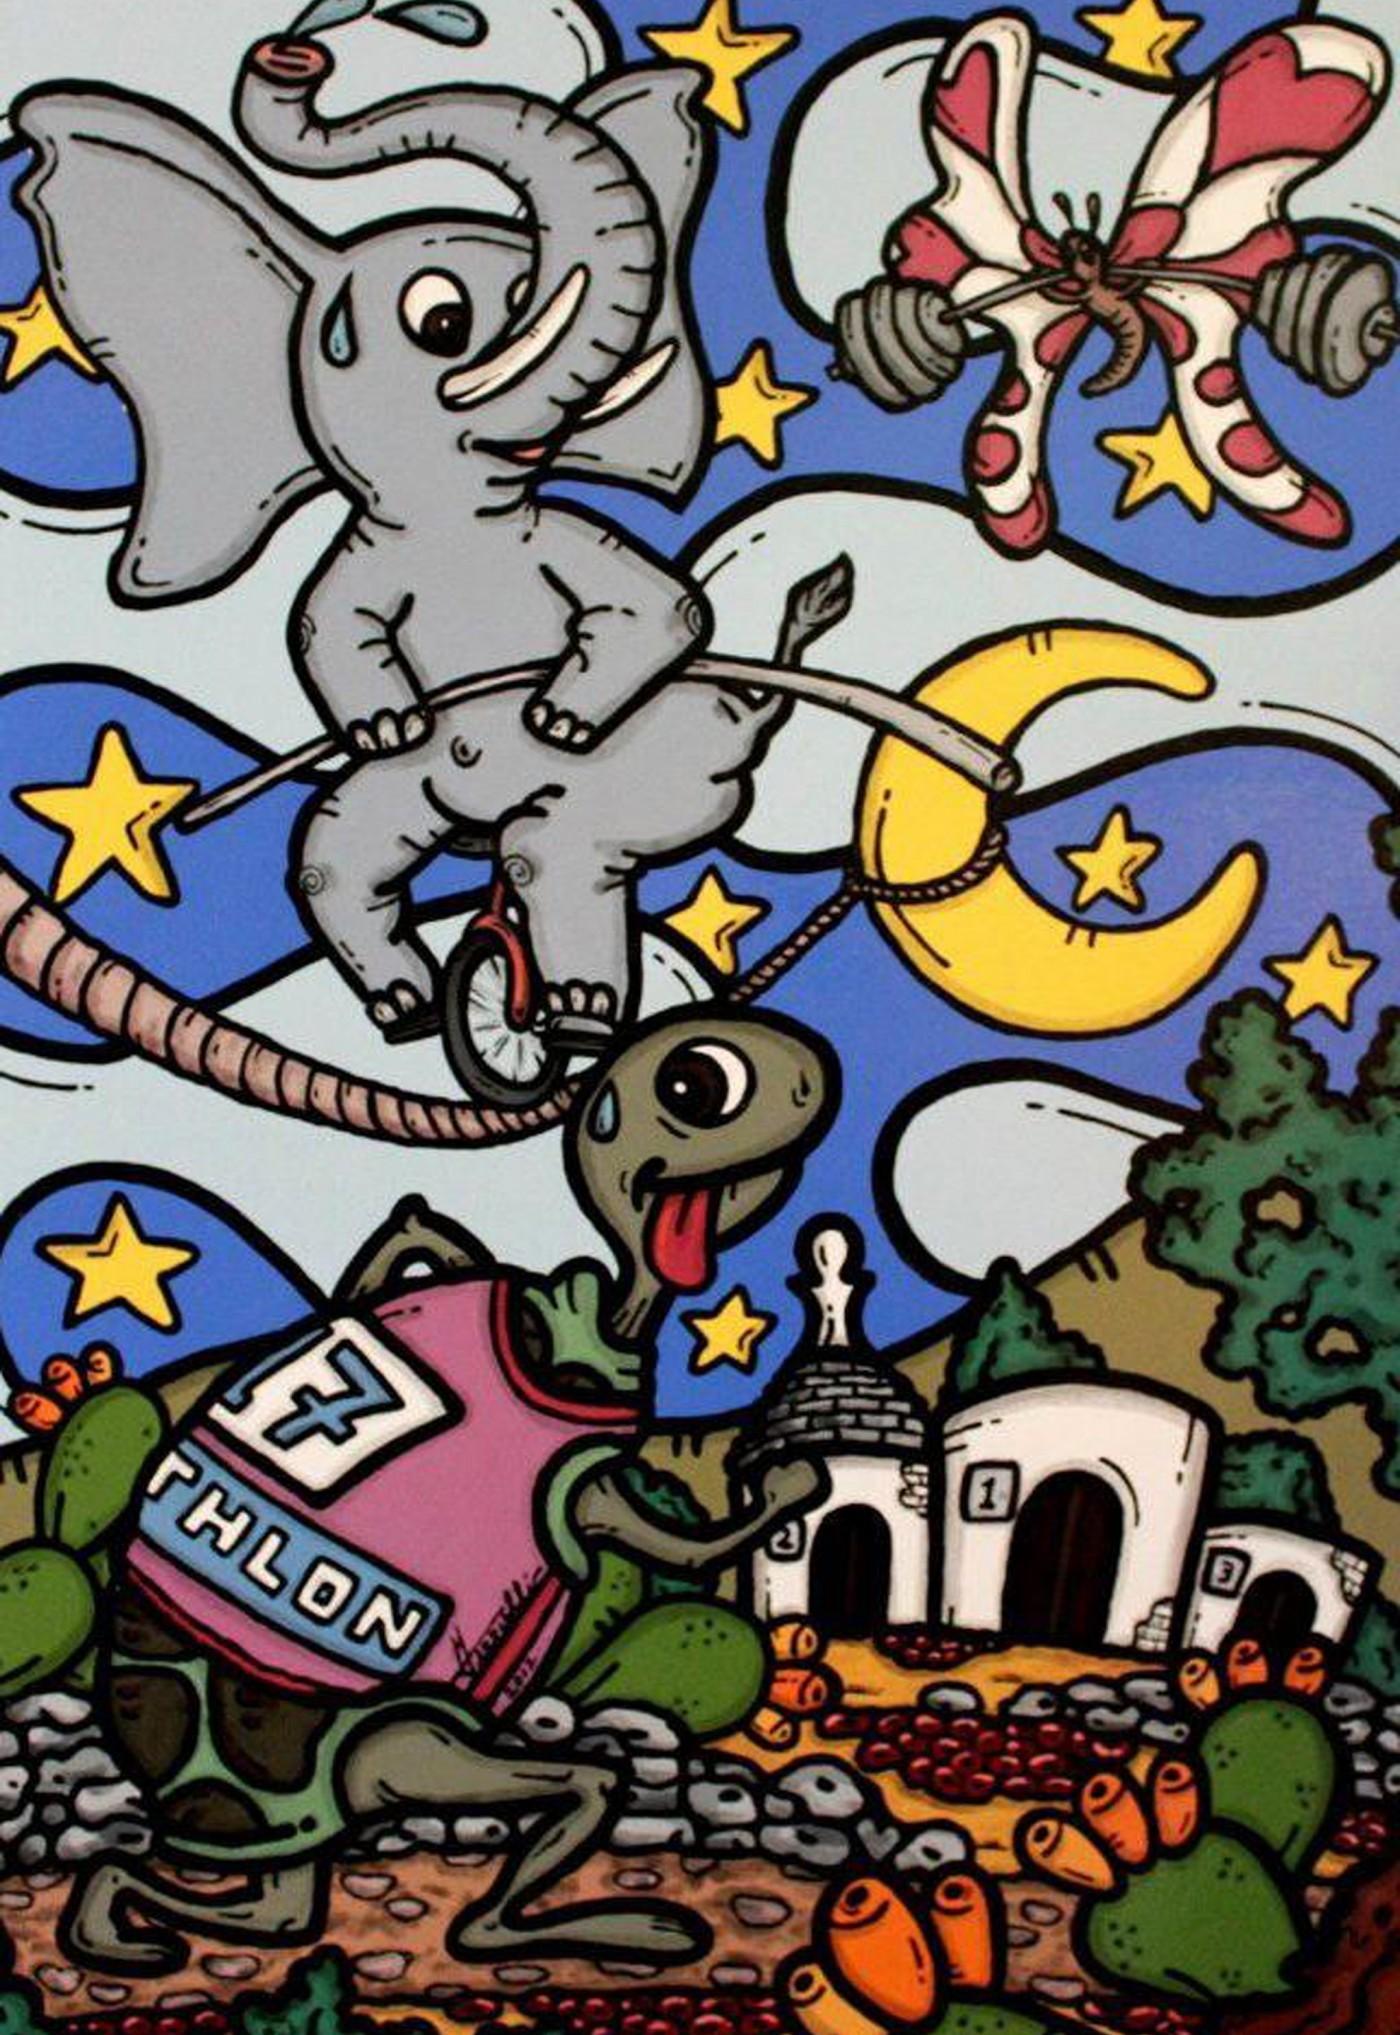 opera d'arte, contornismo metafisico, francesco ferrulli, pittore pugliese, artista italiano, arte contemporanea, dipinto, olio su tela, acrilico su tela, paesaggi pugliesi, quadro colorato, oil on canvas, art, painter, basta crederci, sport, decathlon, farfalla, elefante, tartaruga, trulli